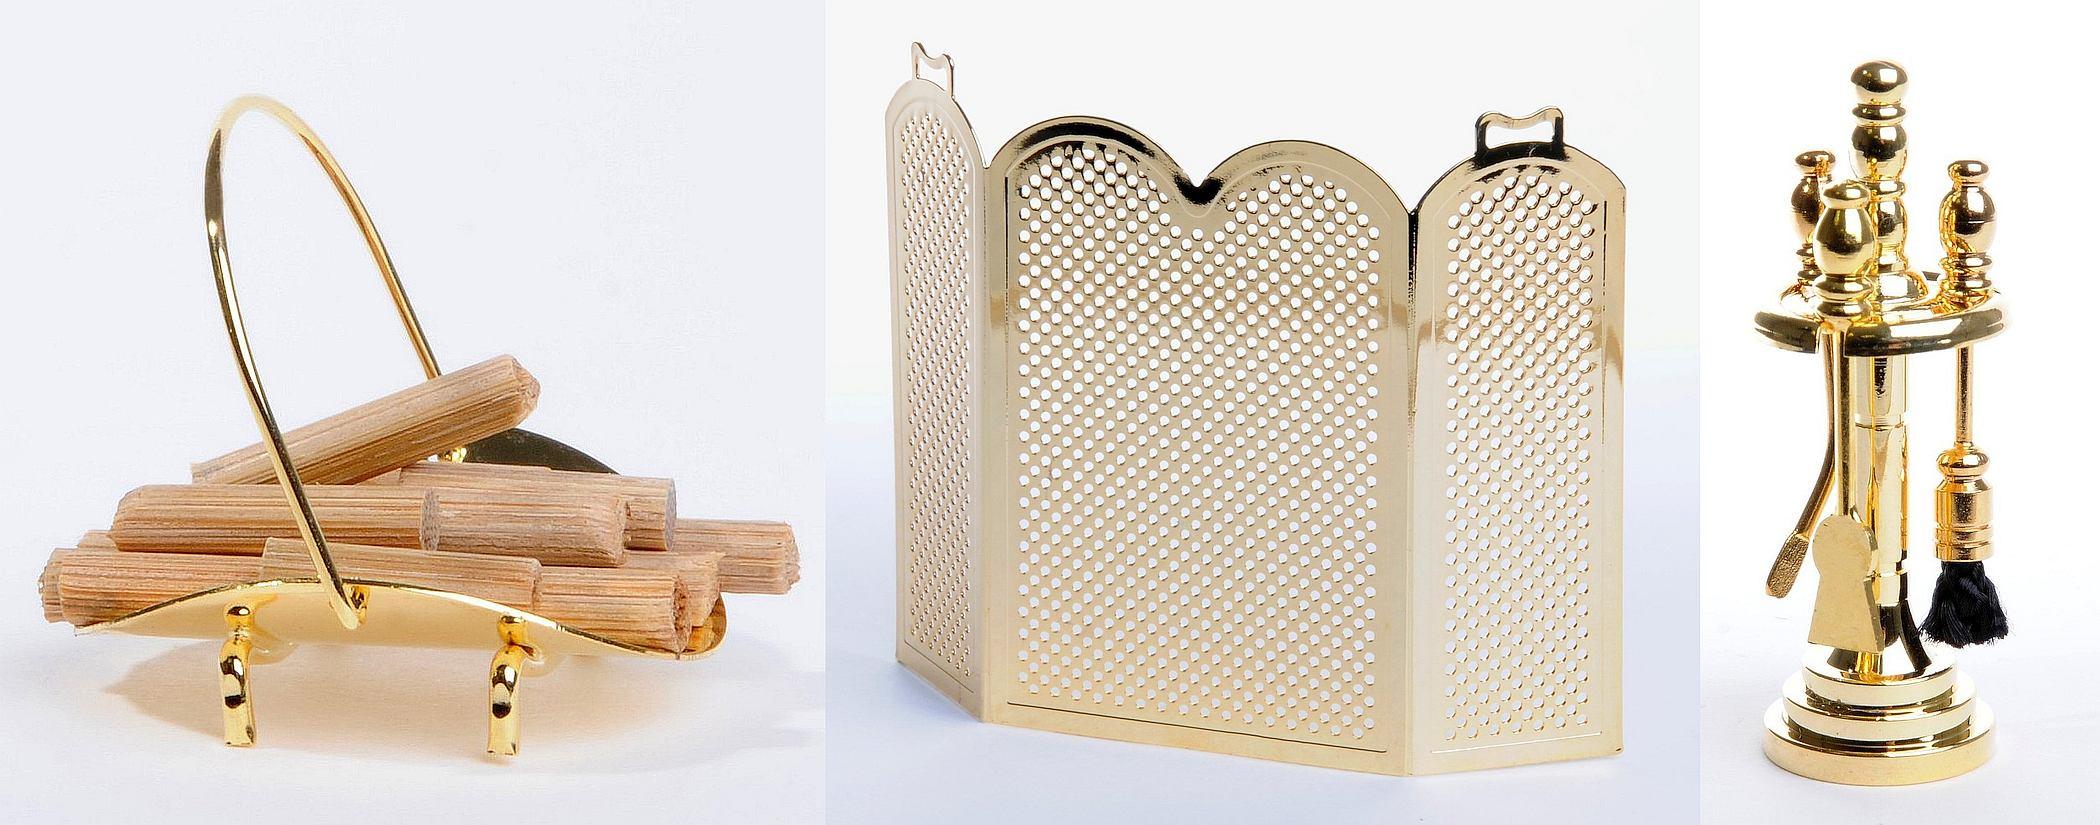 kaminzubeh r. Black Bedroom Furniture Sets. Home Design Ideas